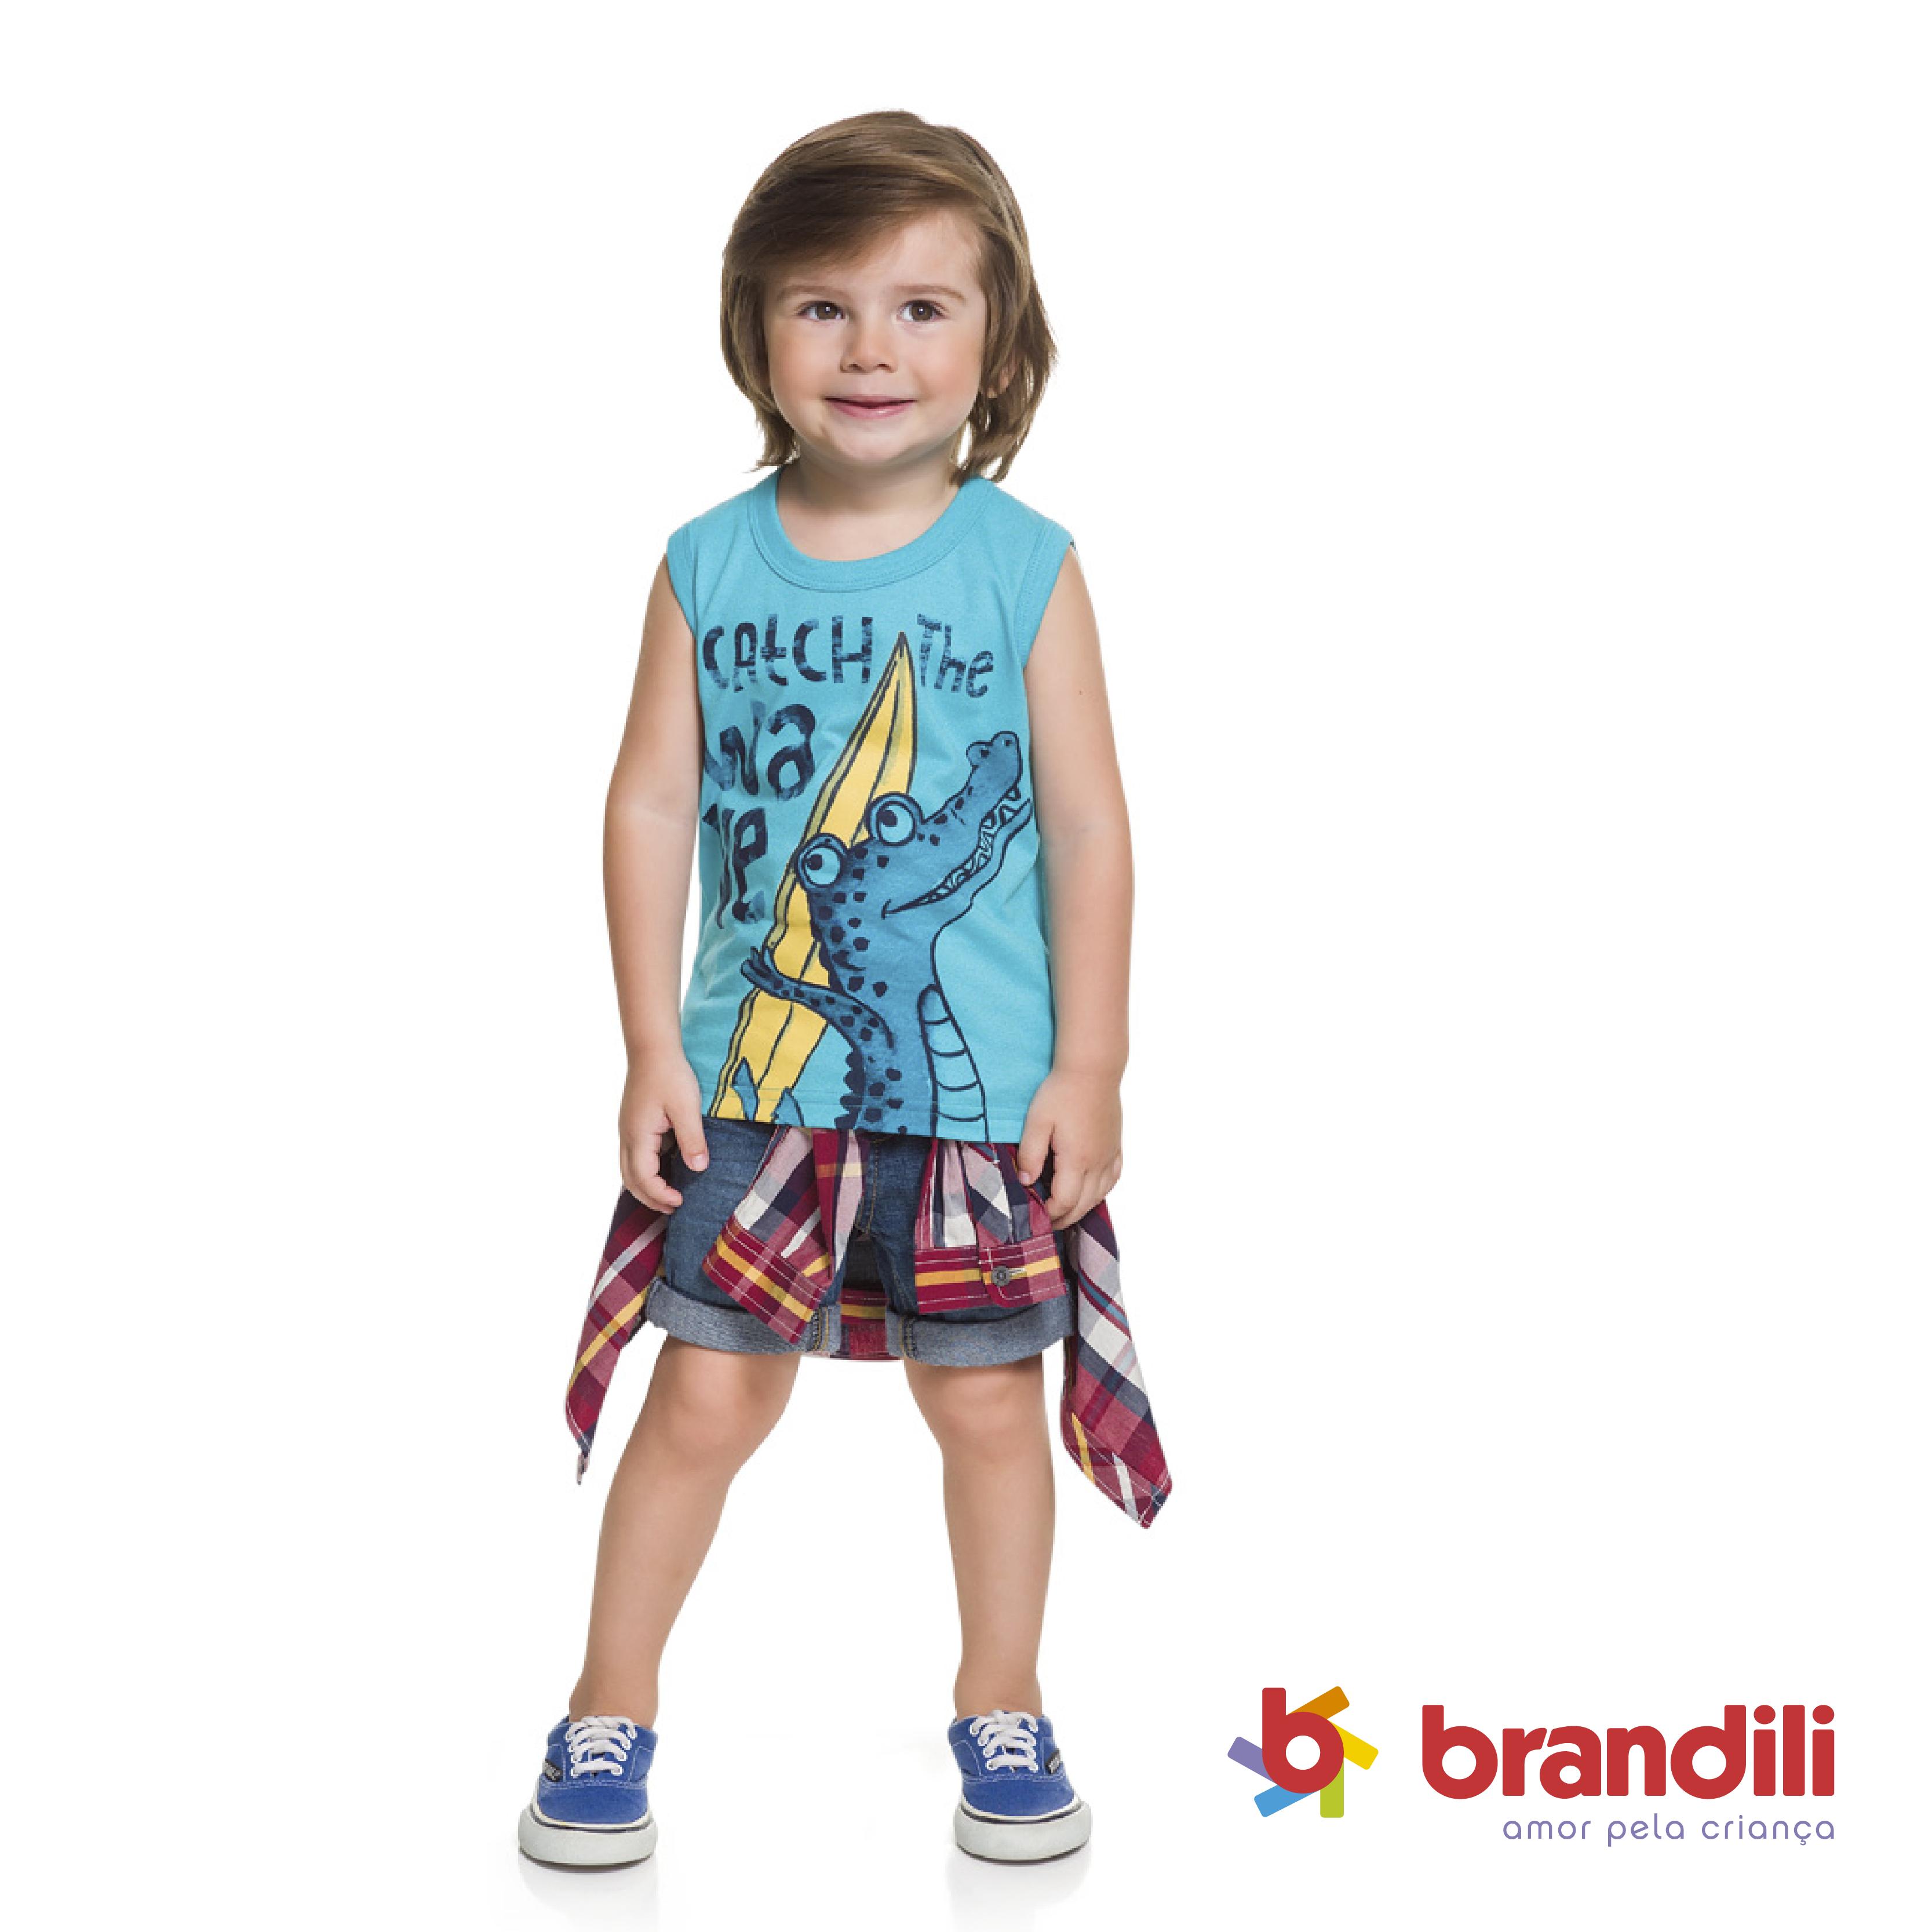 Estampa praiana: tendência que vai invadir o guarda-roupa dos meninos neste verão